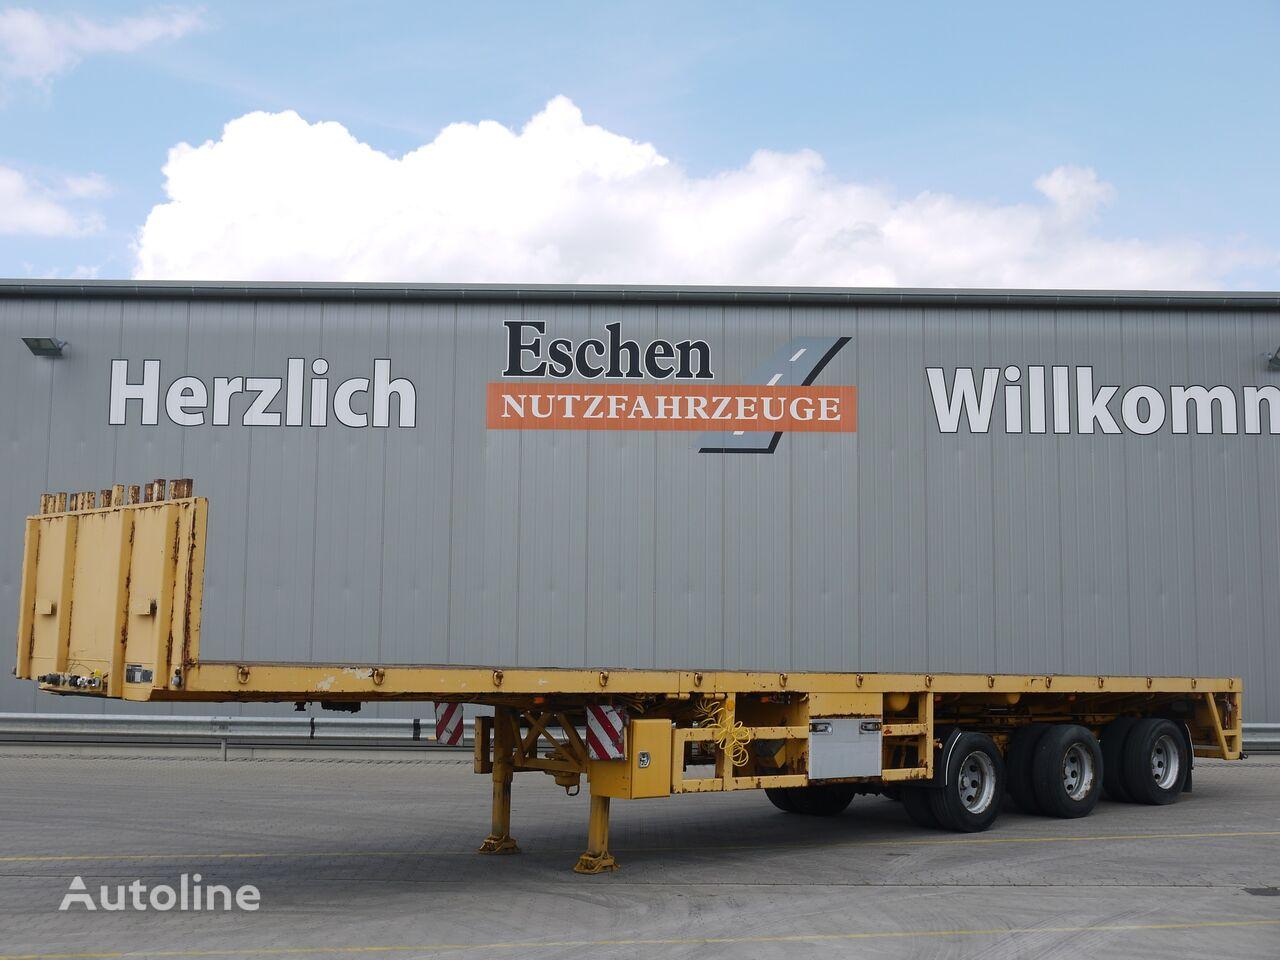 ES-GE 3H. 13 3 VOD 18-30, teleskopierbar, Obj.-Nr.: 0086/20 platform semi-trailer